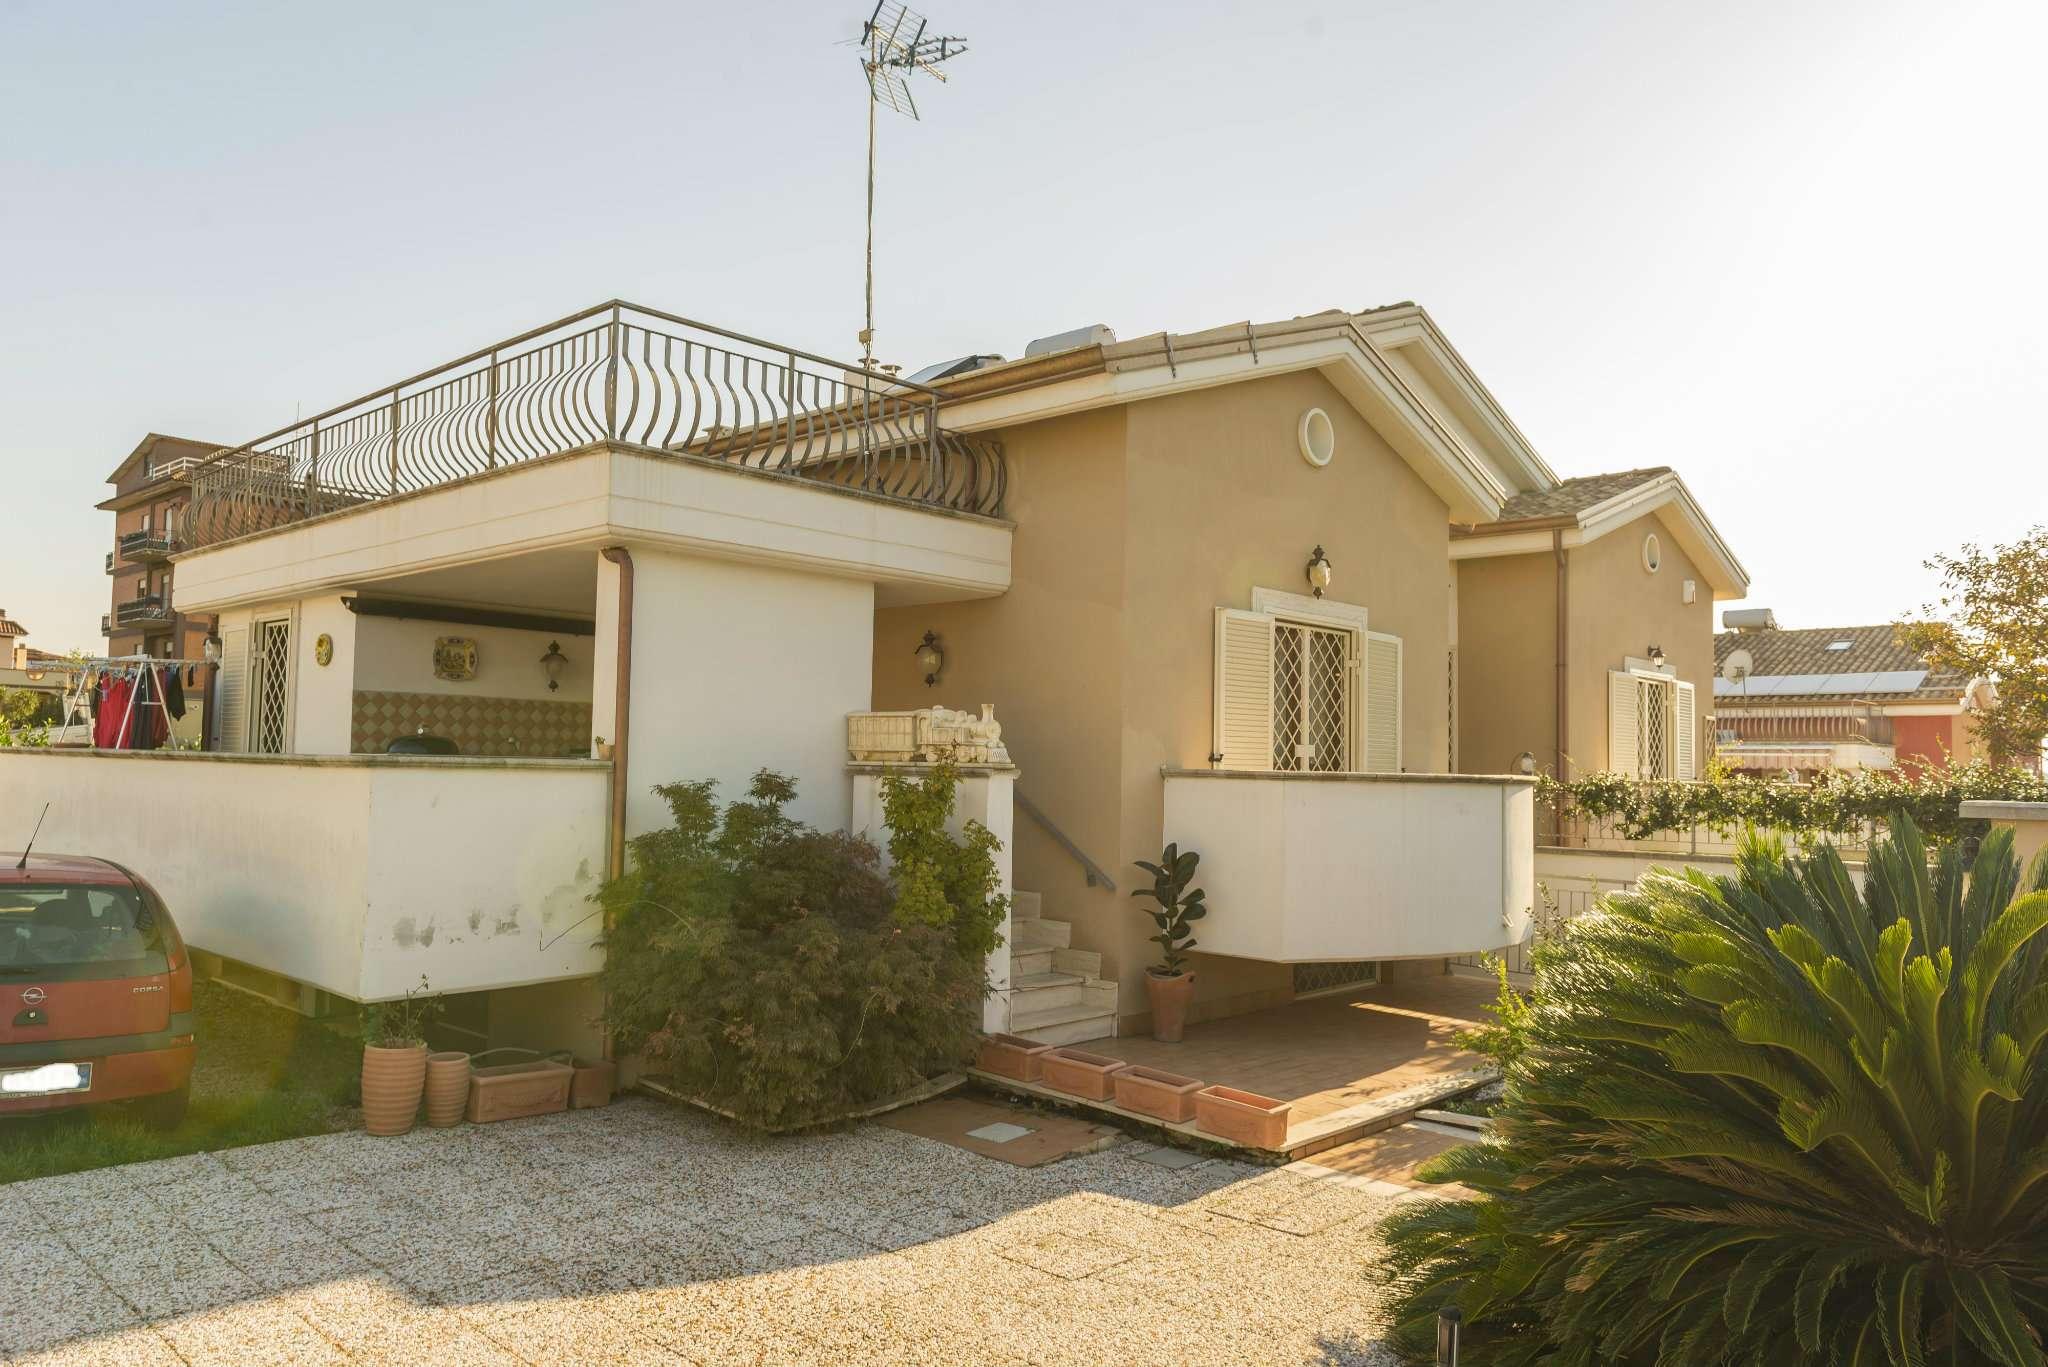 Villa Bifamiliare in vendita 4 vani 160 mq.  via Vittorito 33 Roma